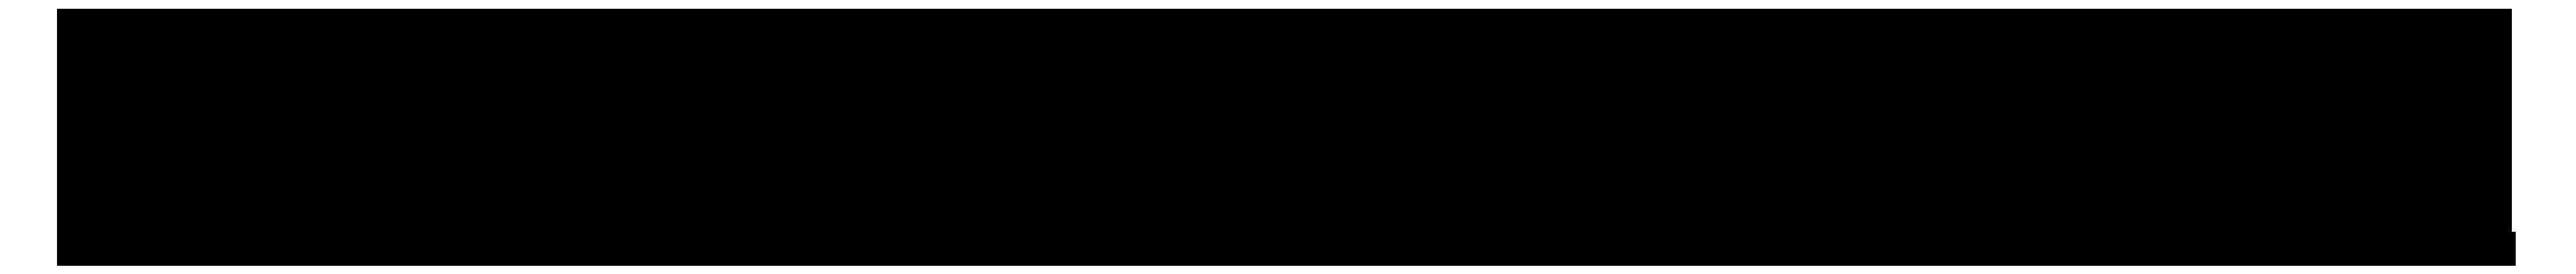 american apparel � logos download